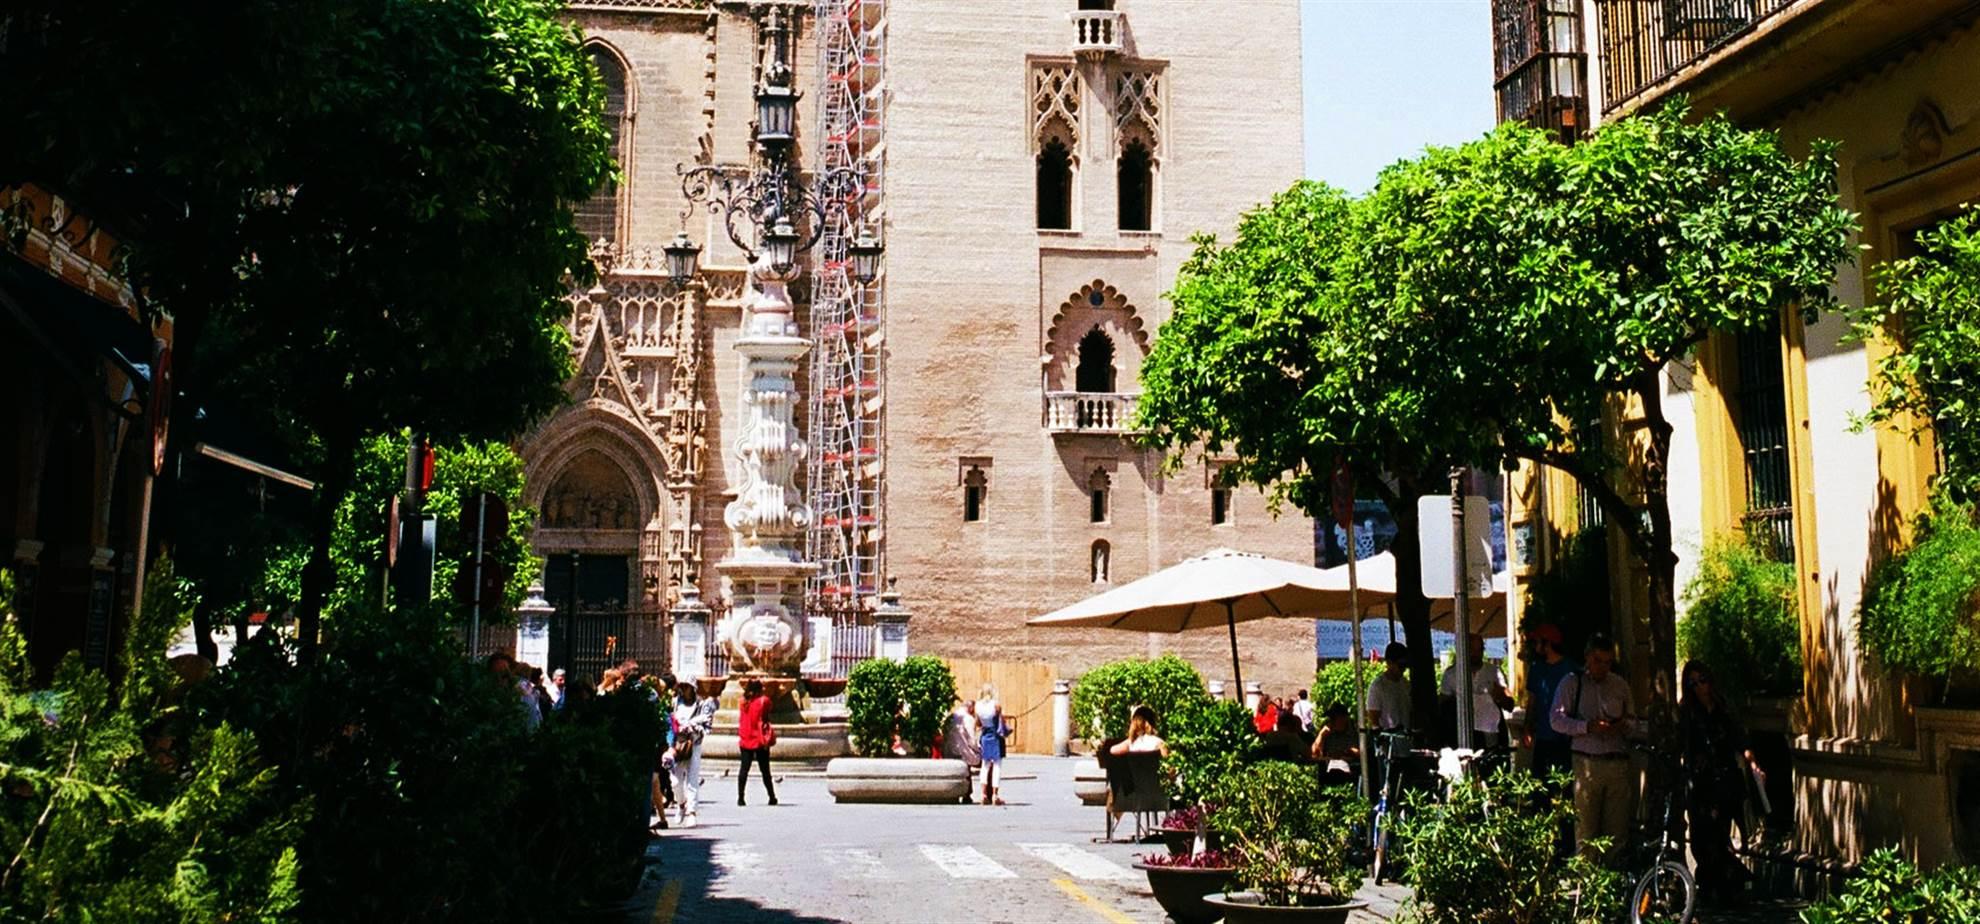 Sevilla Wandeltour (Nederlandstalige gids)